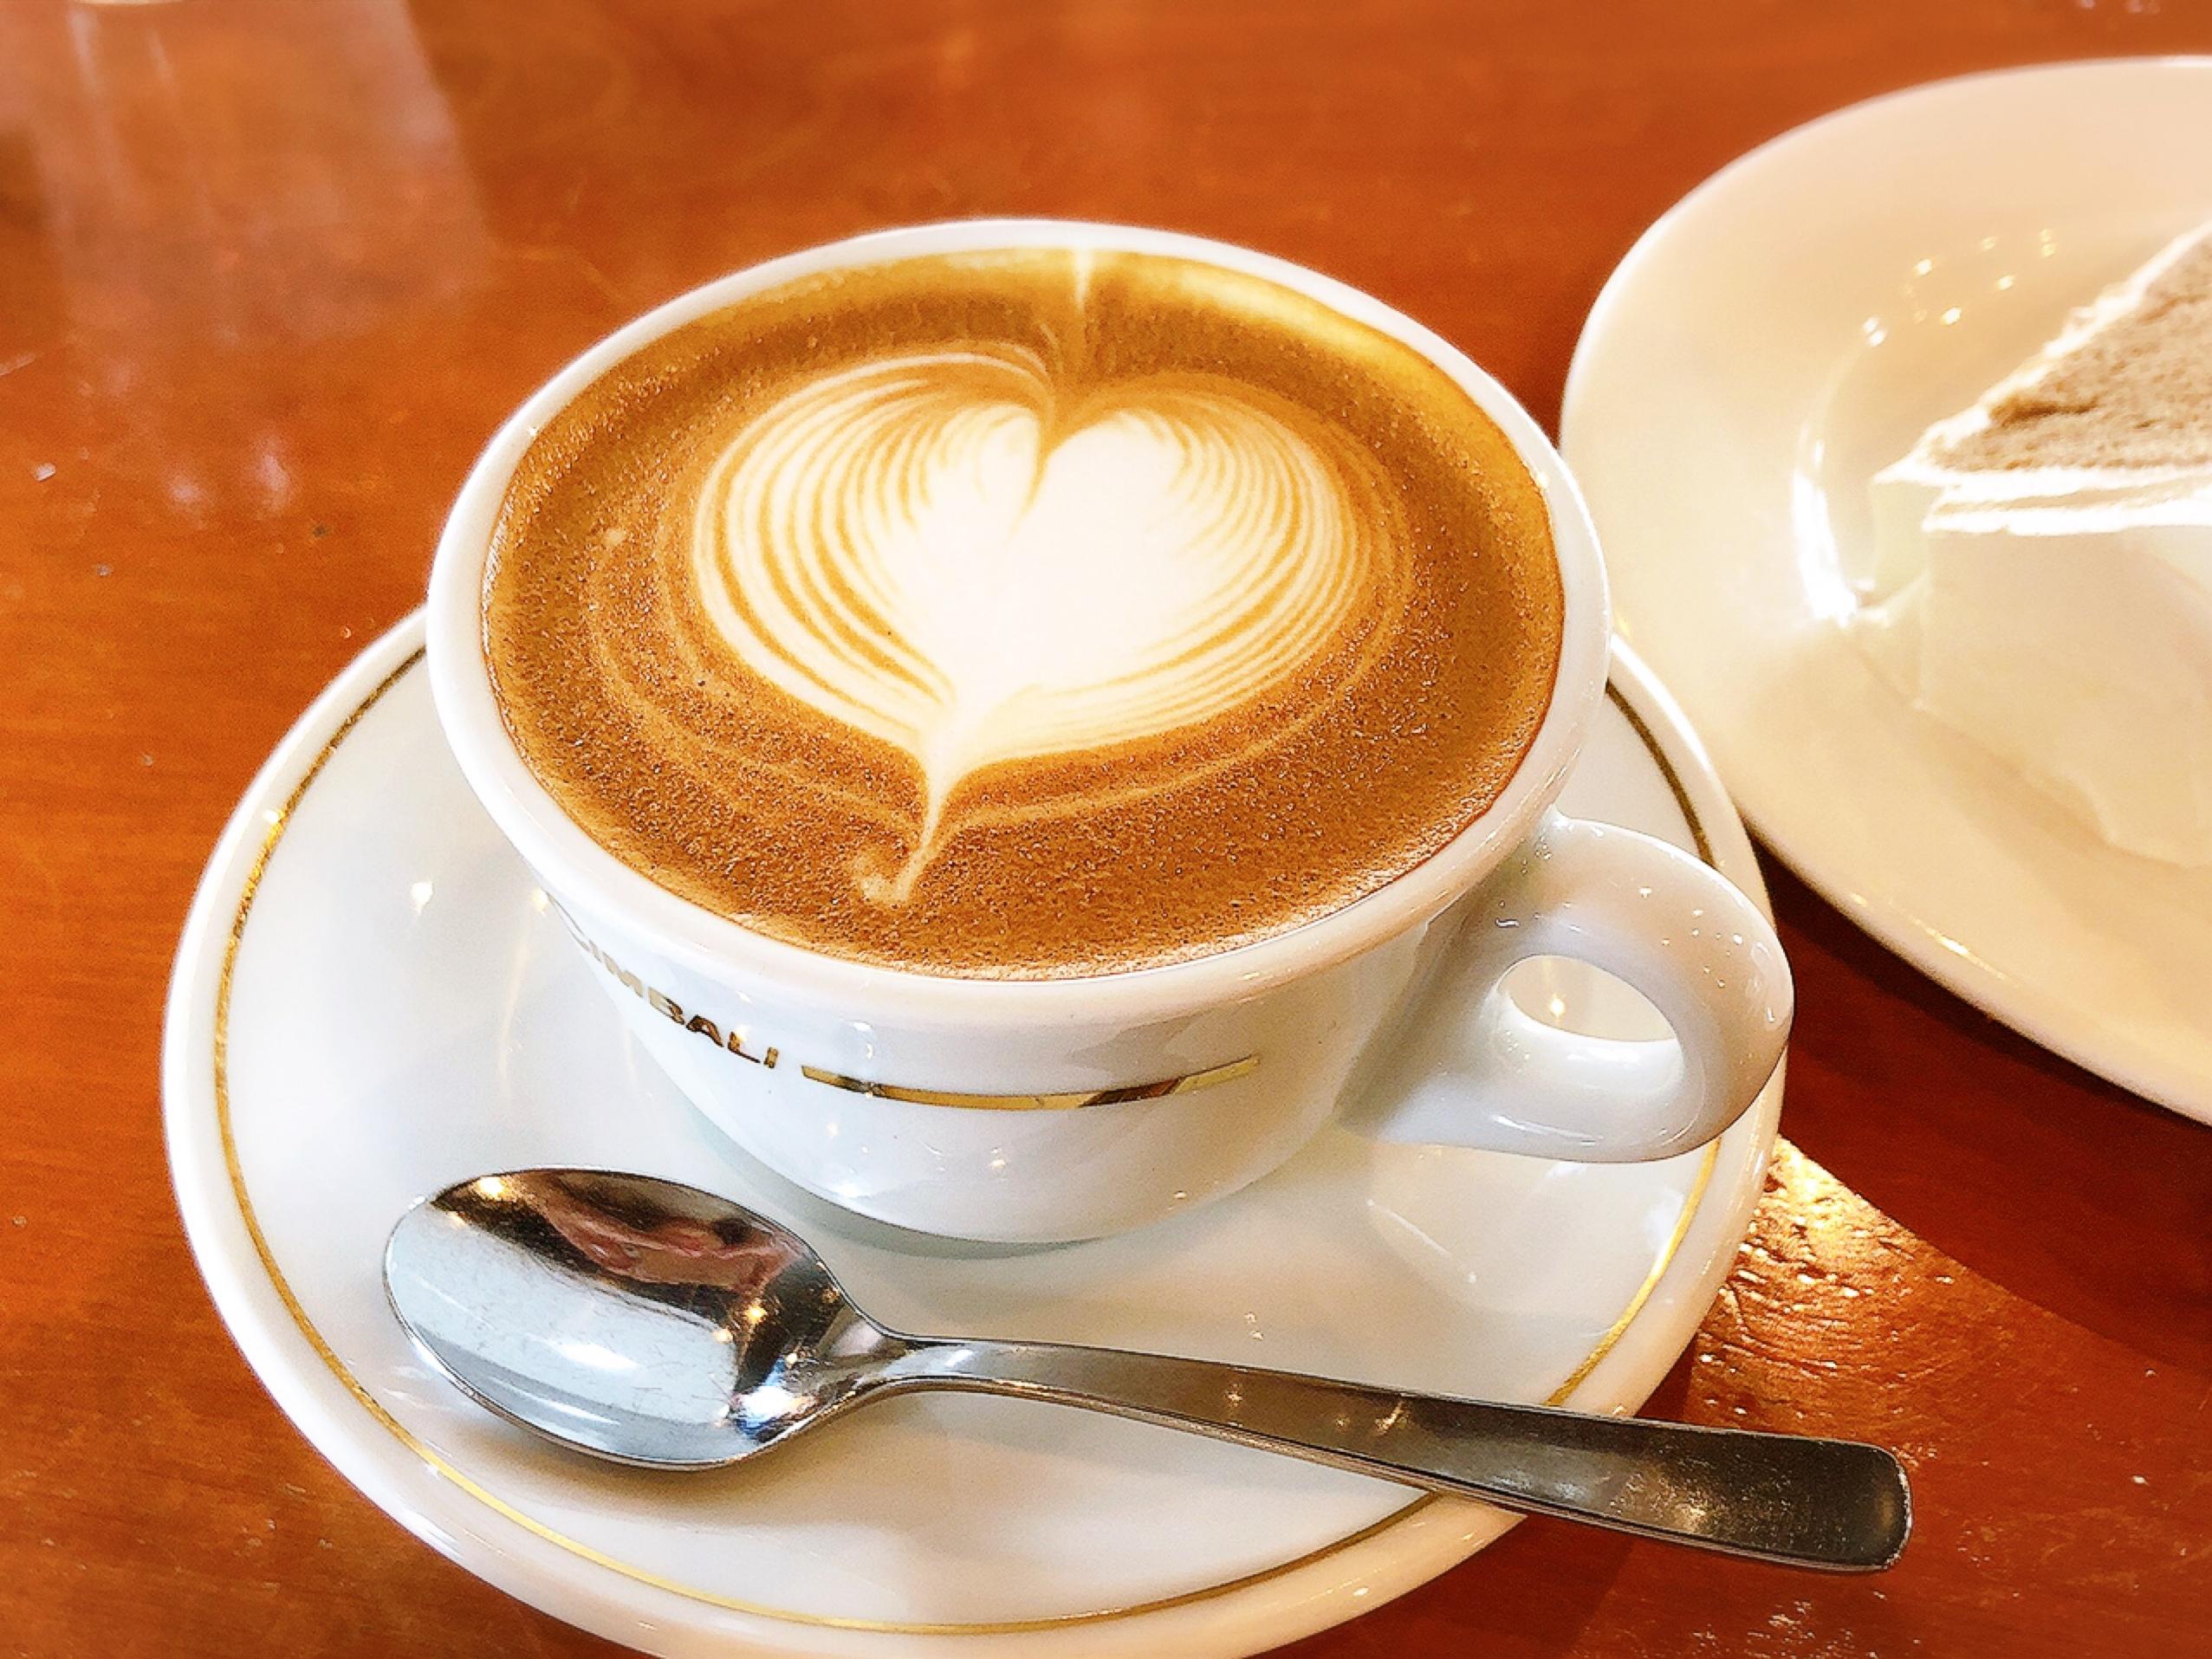 【#静岡カフェ】こだわり自家焙煎本格派コーヒーとふわふわ生キャラメルシフォンケーキが美味♡_5